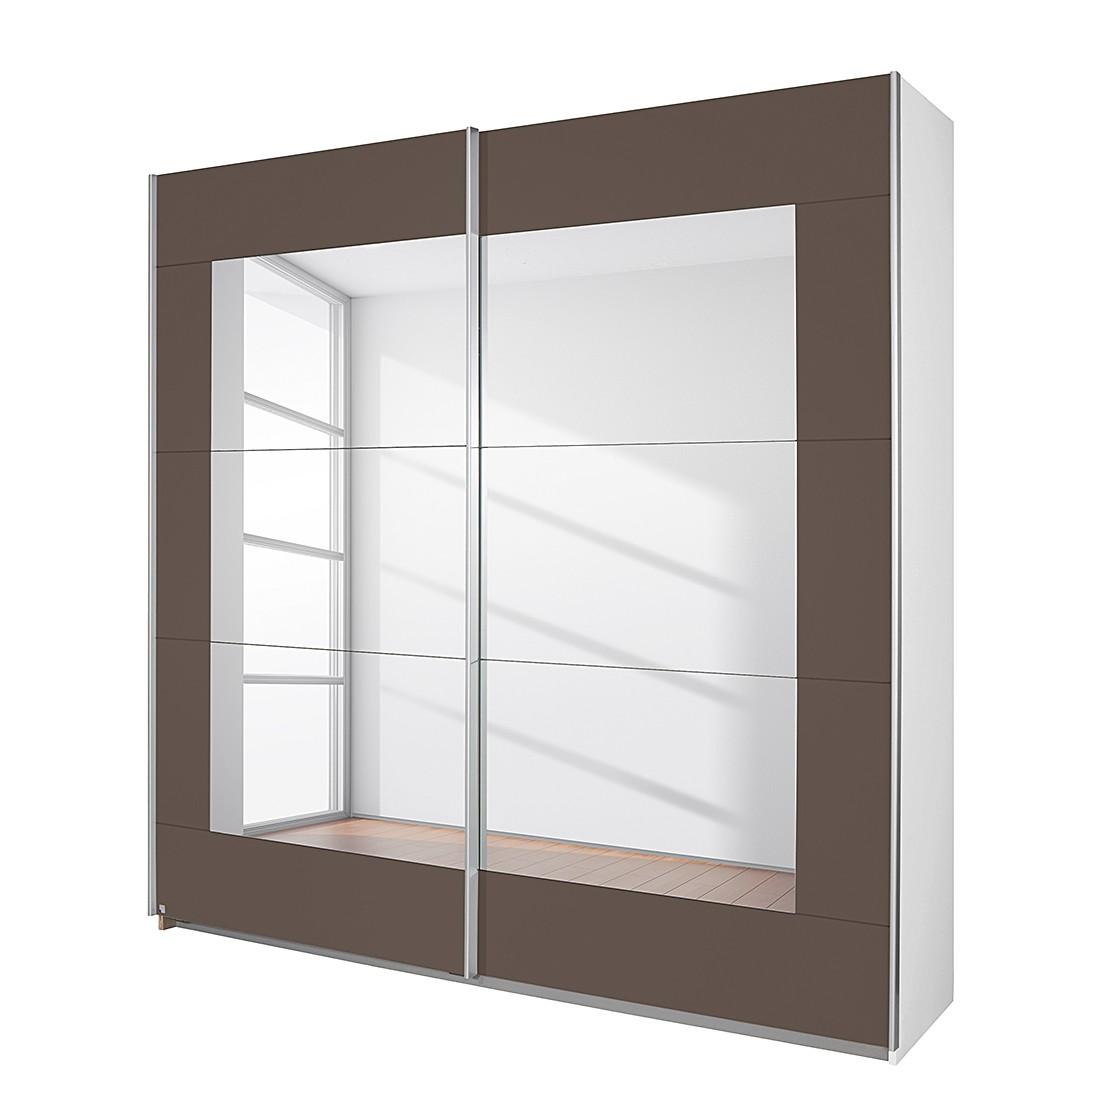 goedkoop Schuifdeurkast Alegro Alpinewit lavakleurig glas 181cm 2 deurs Rauch